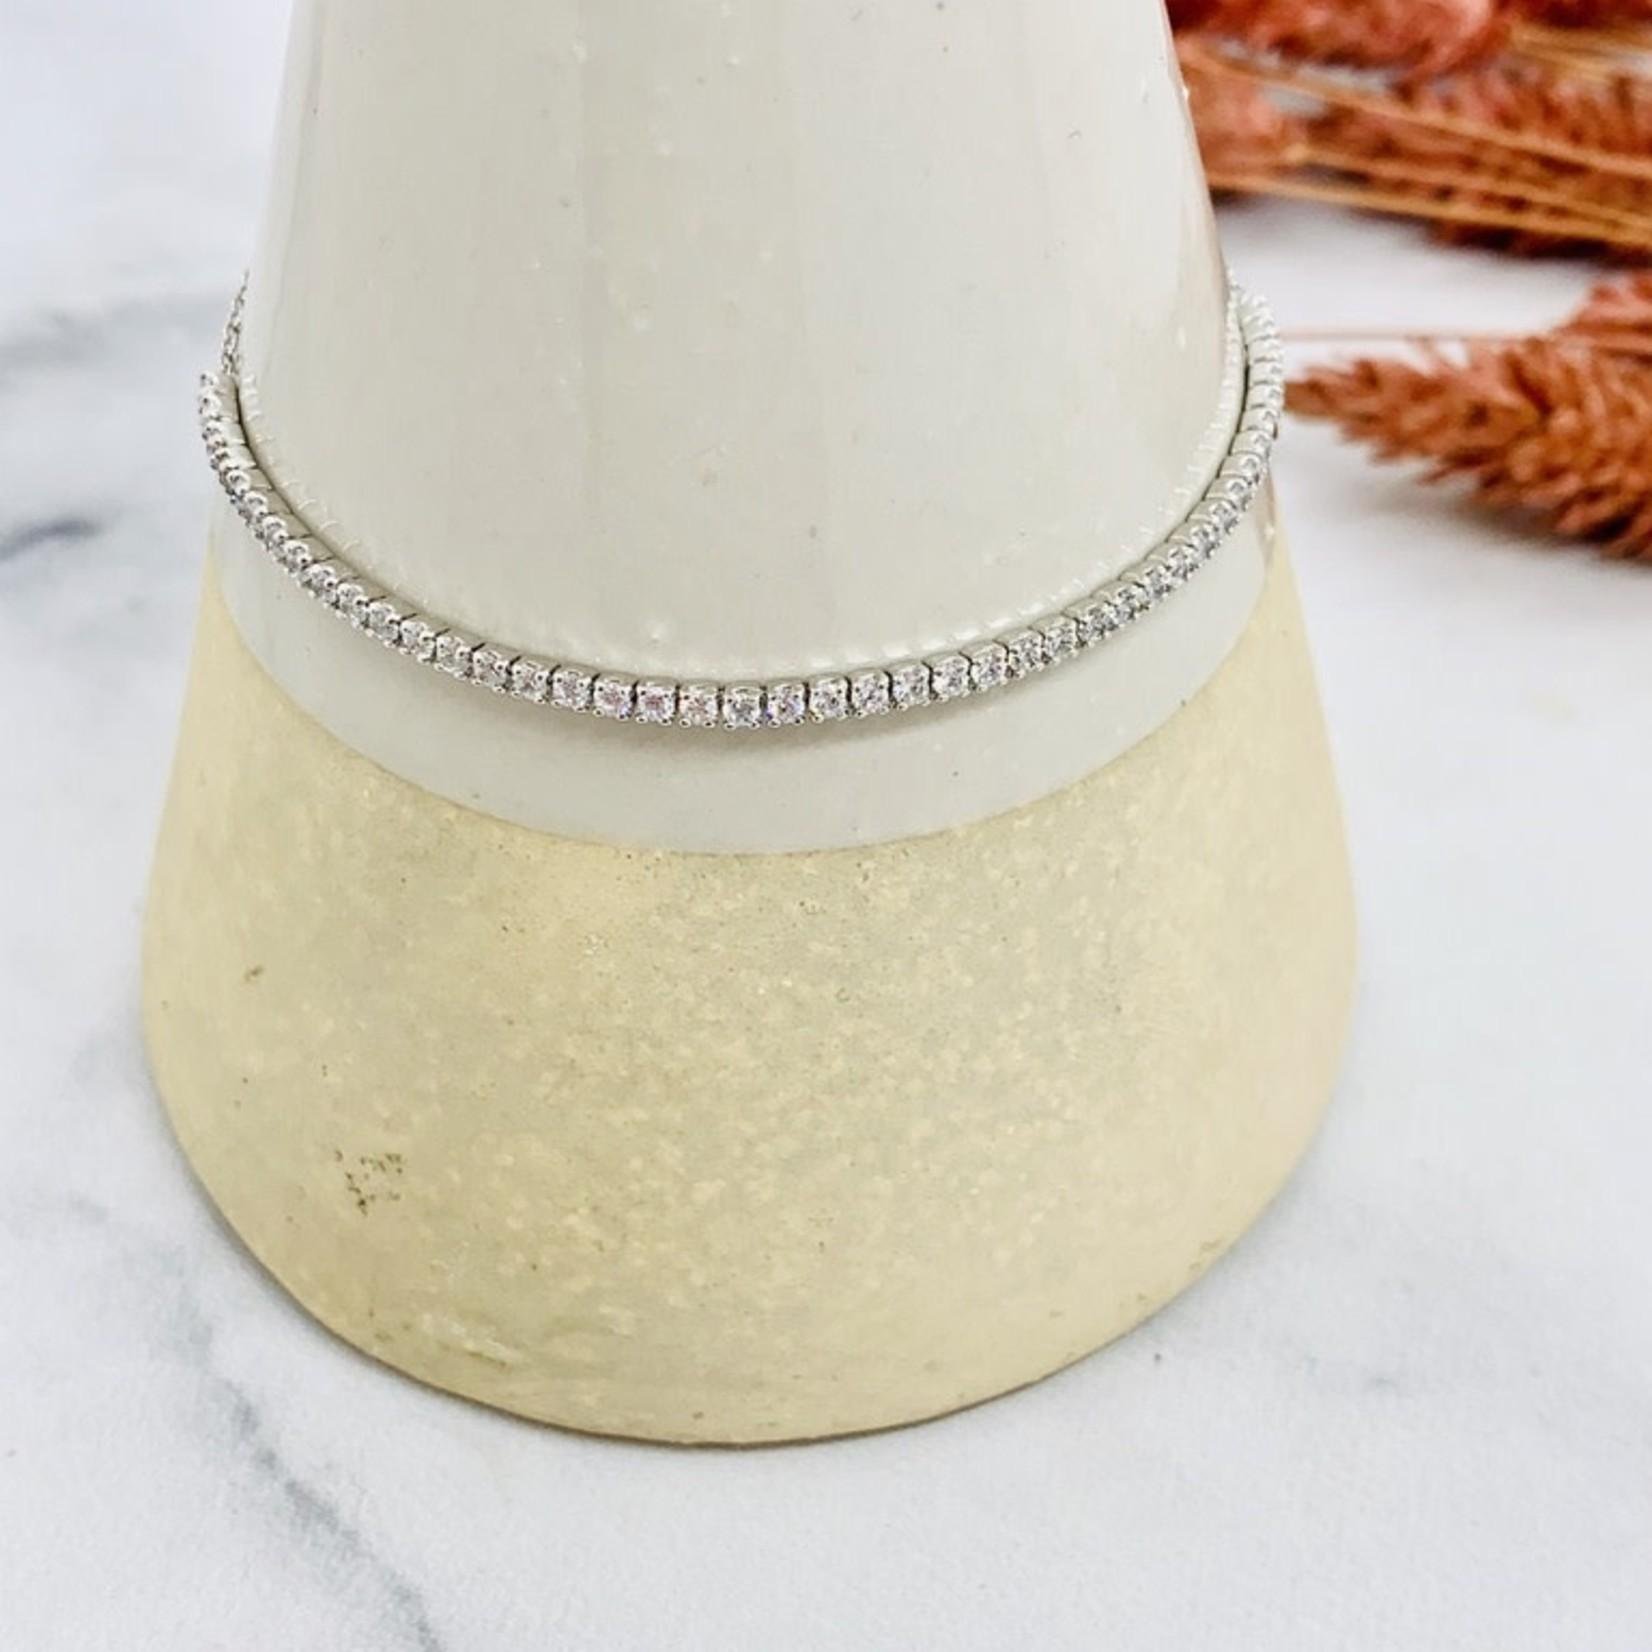 Native Gems SHIMMER bracelet in sterling silver with CZ, adjustable